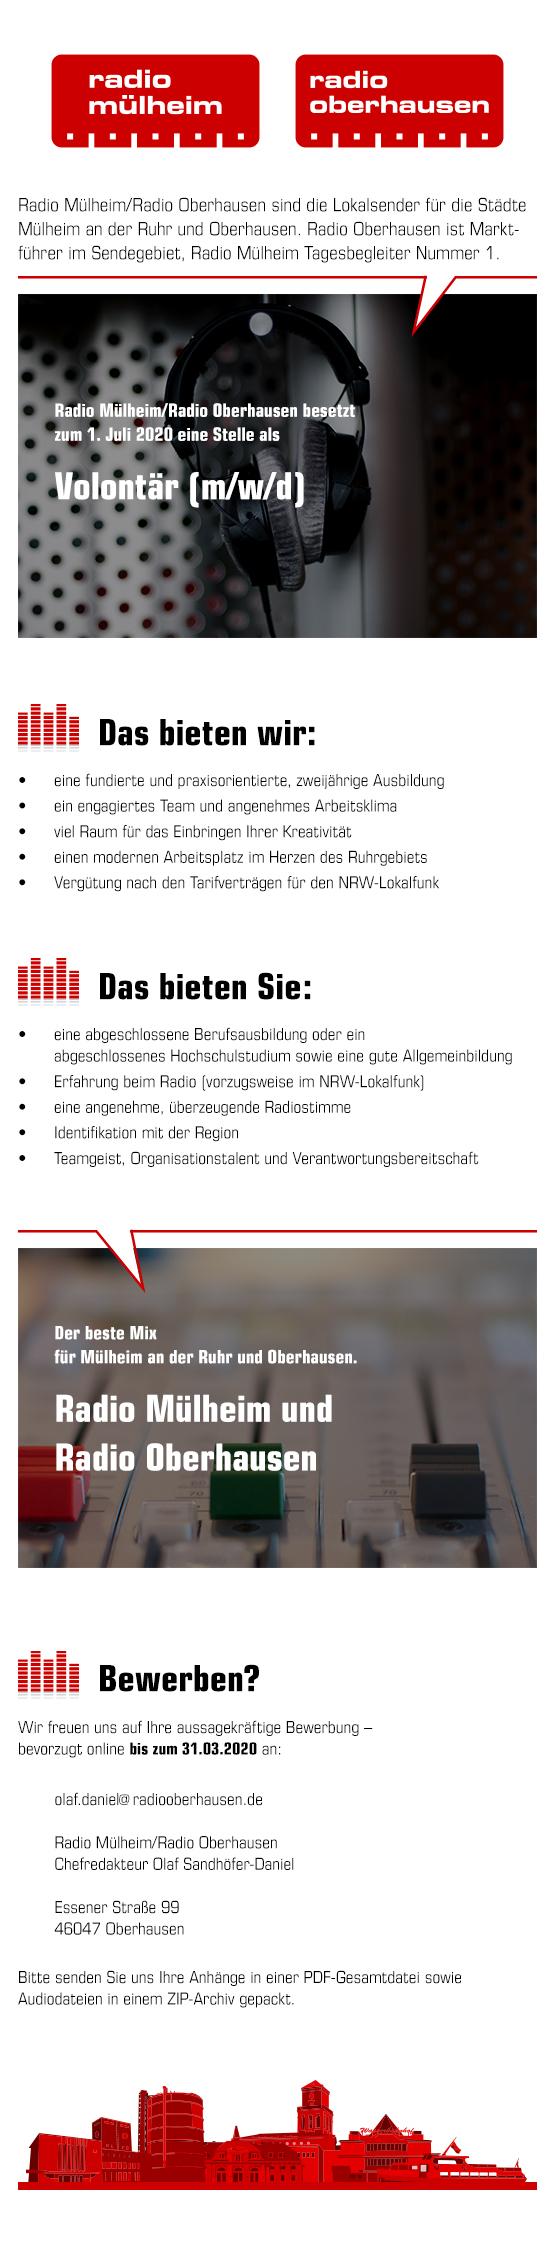 Radio Mülheim/Radio Oberhausen suchen Volontär (m/w/d)